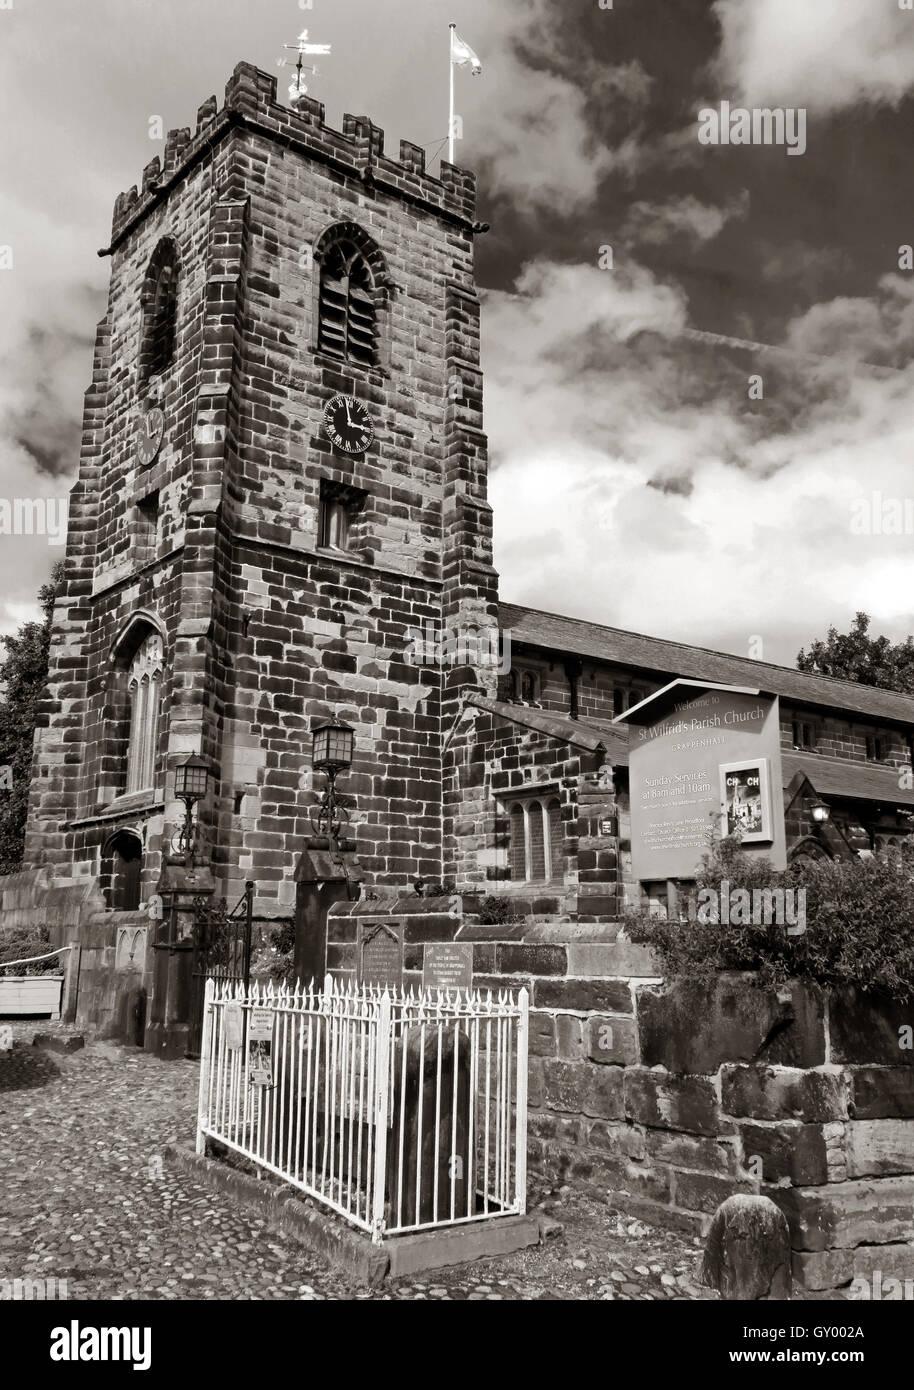 Laden Sie dieses Alamy Stockfoto Außenseite des St Wilfrids Kirchturm, Grappenhall, Warrington, Cheshire England UK s/w - GY002A